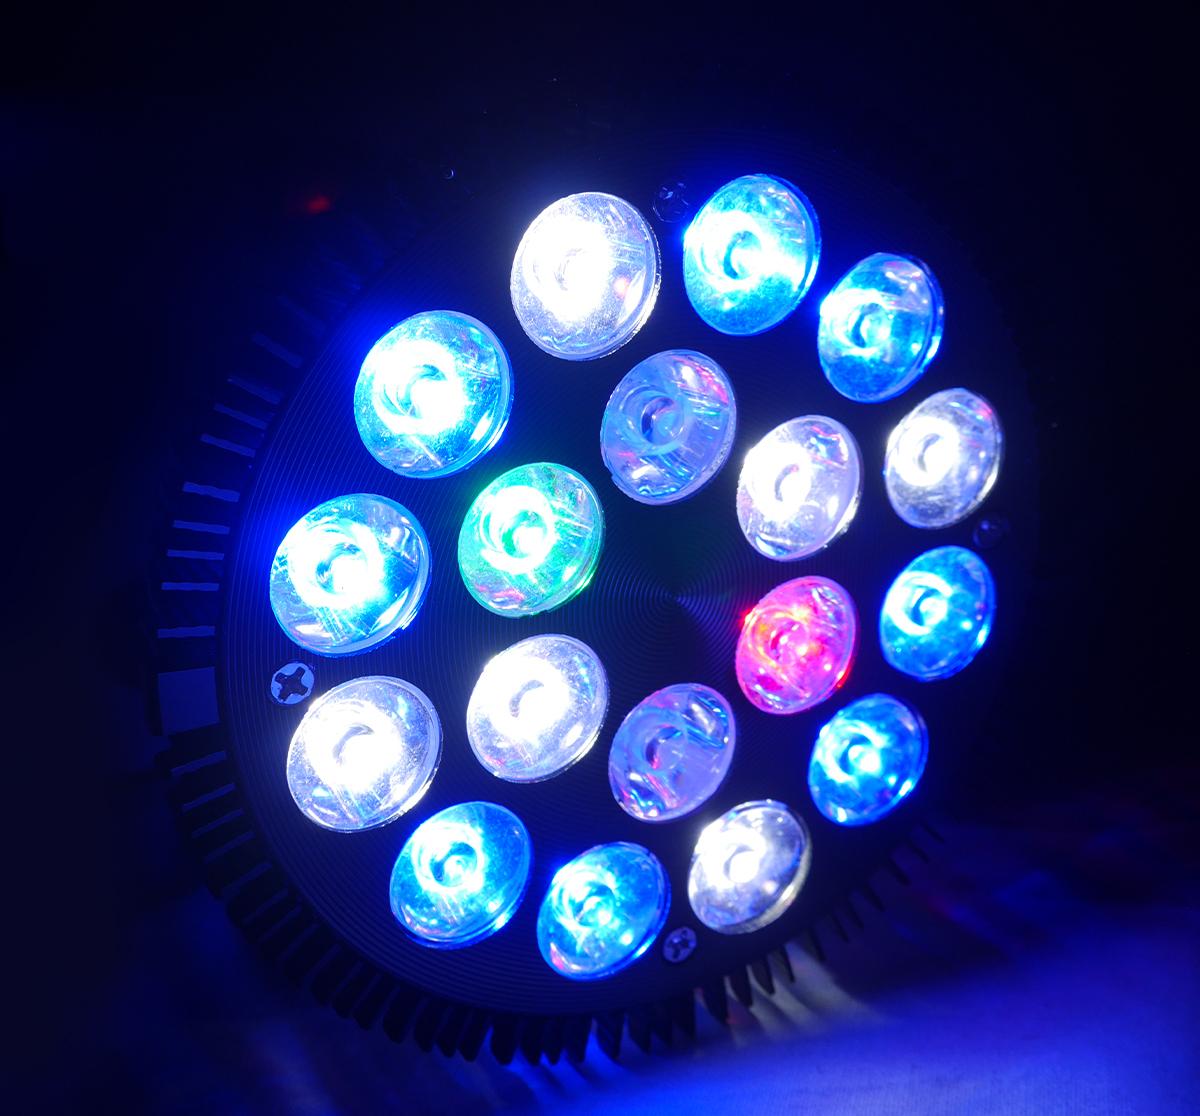 E26口金 54W 珊瑚 植物育成 水草用 水槽用 熱帯魚 LEDアクアリウムスポットライト 赤1/白6/青8/緑1/紫外線2 UV付き 【QL-14】_画像3